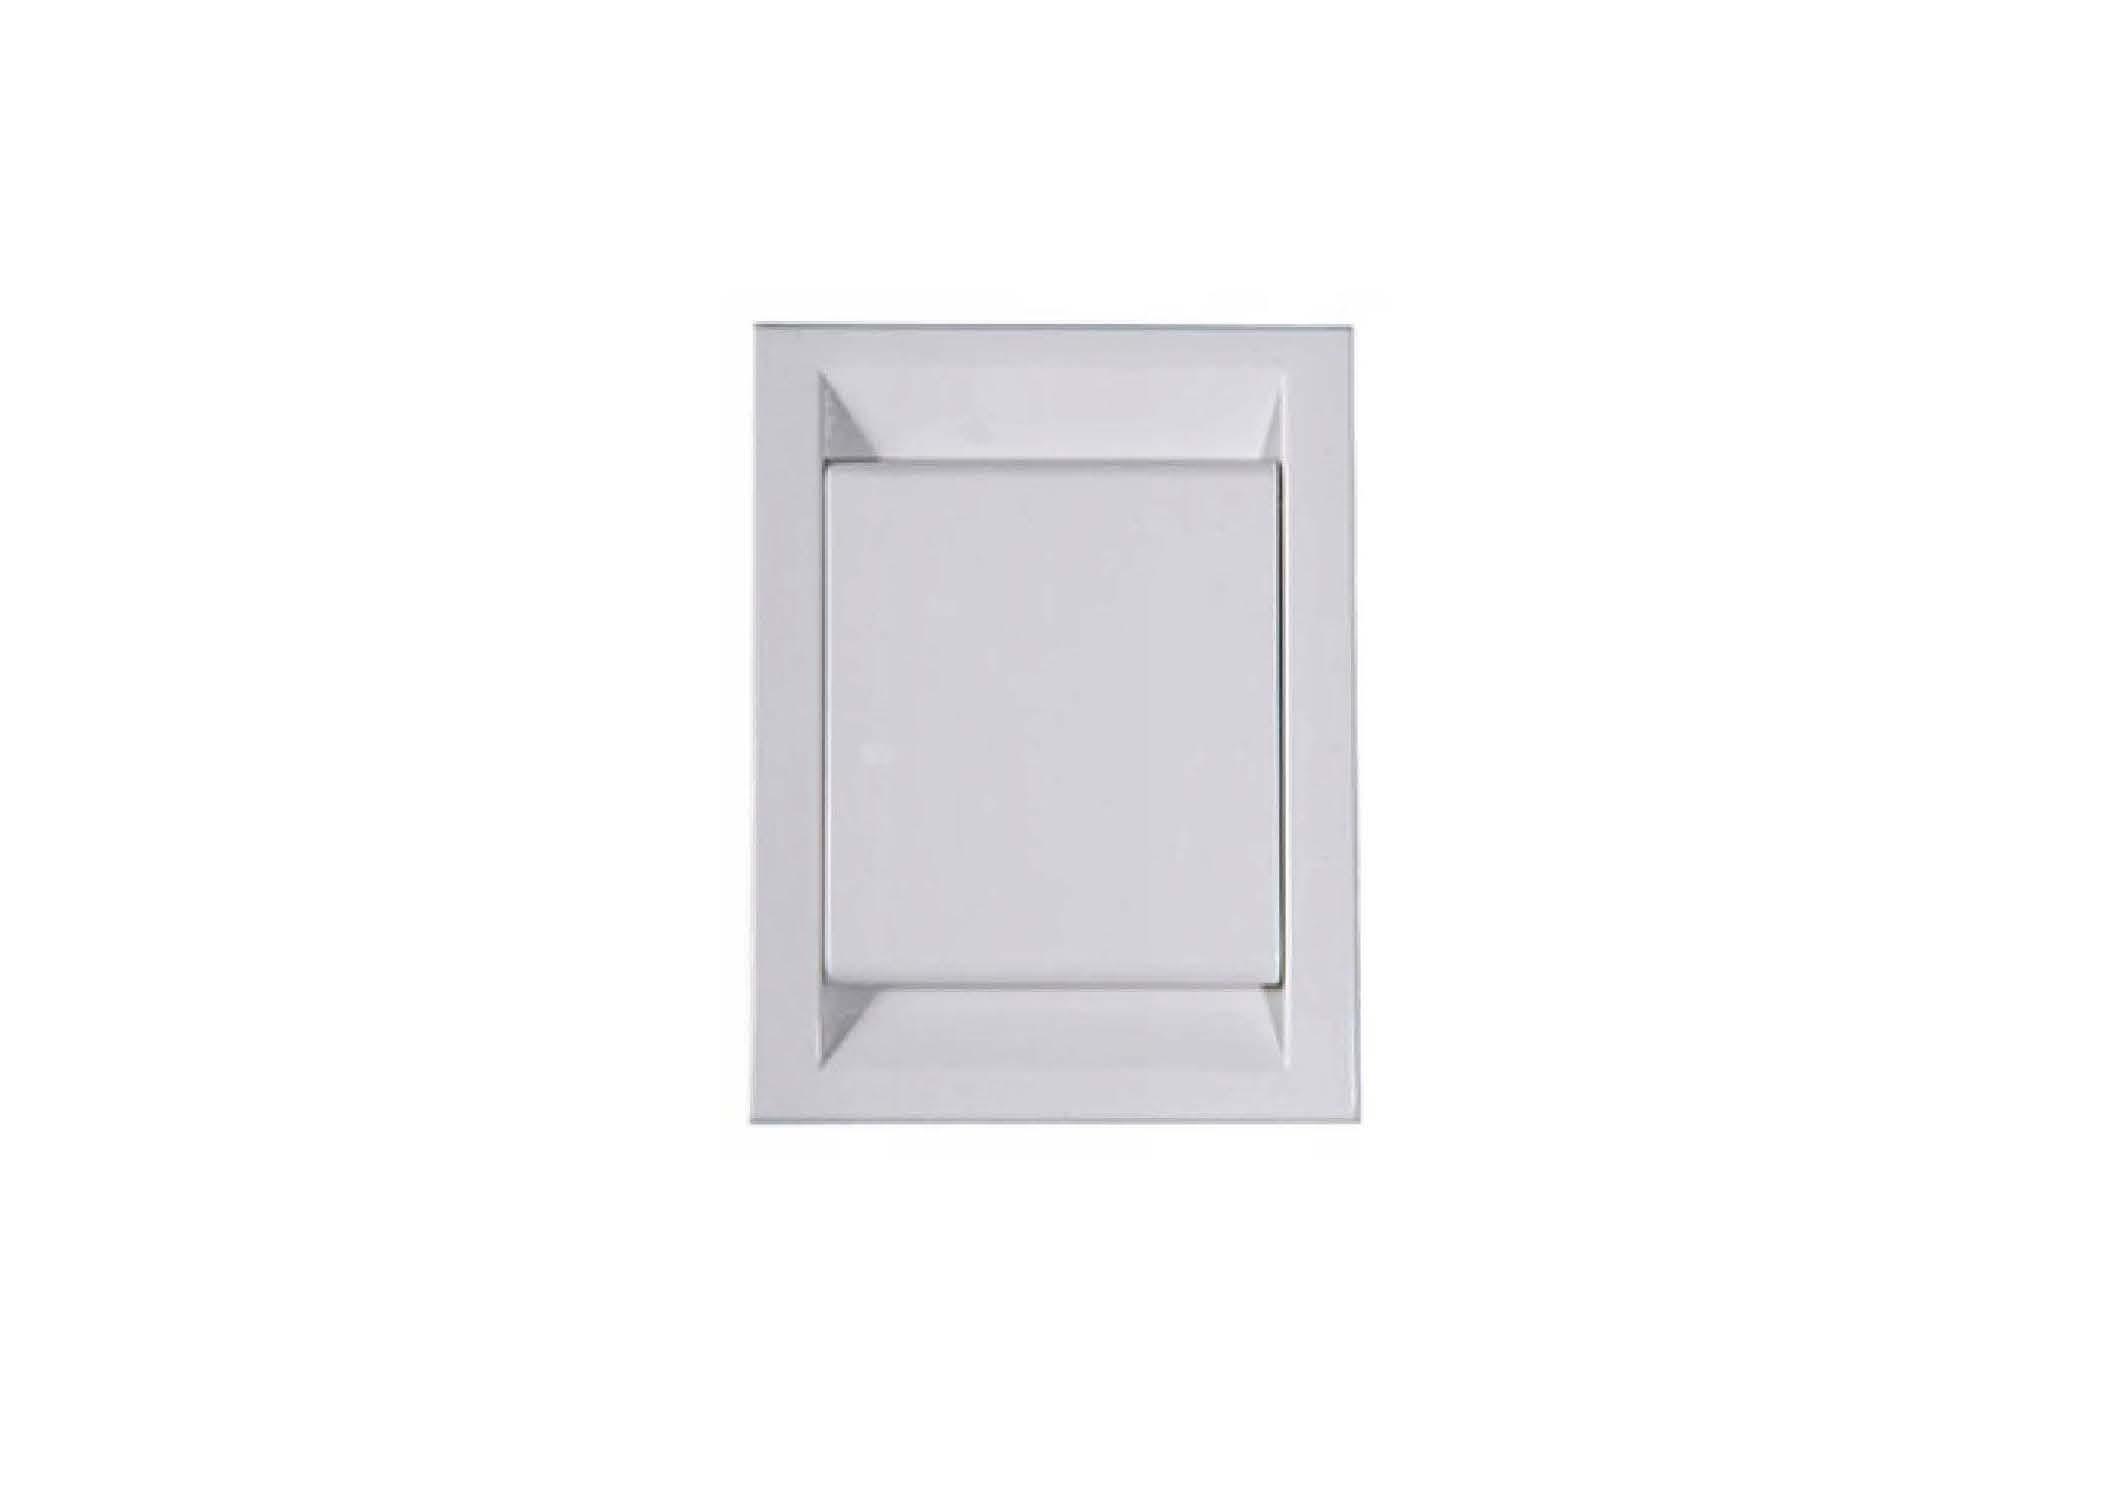 Вакуумна розетка DECO, колір білий